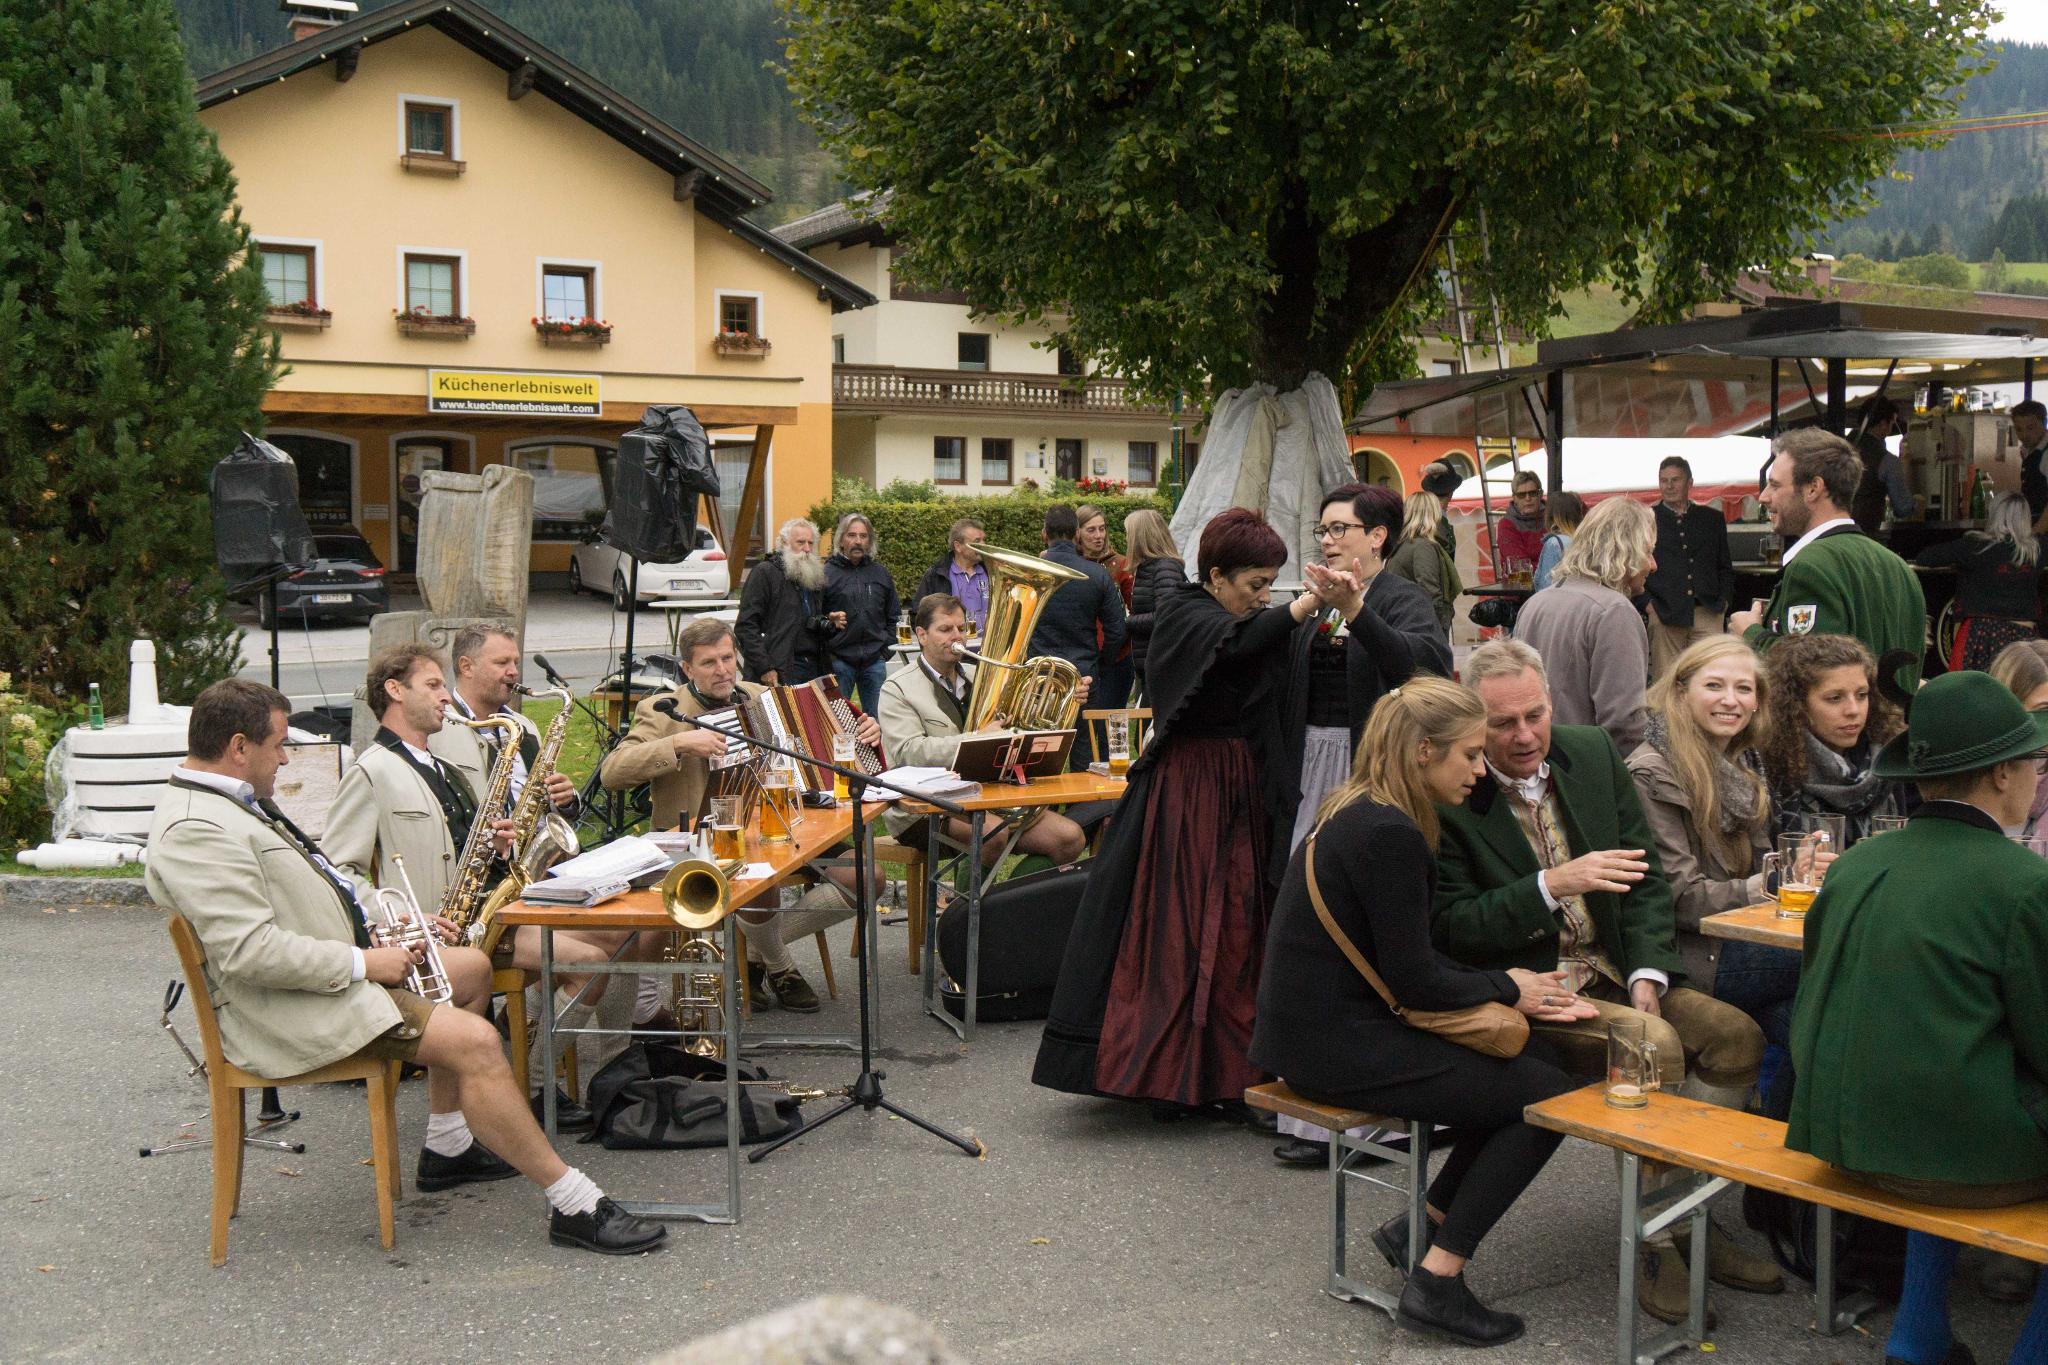 【奧地利】阿爾卑斯迷迷路!遇見美麗的奧地利風情小鎮:滕嫩山麓聖馬丁 17